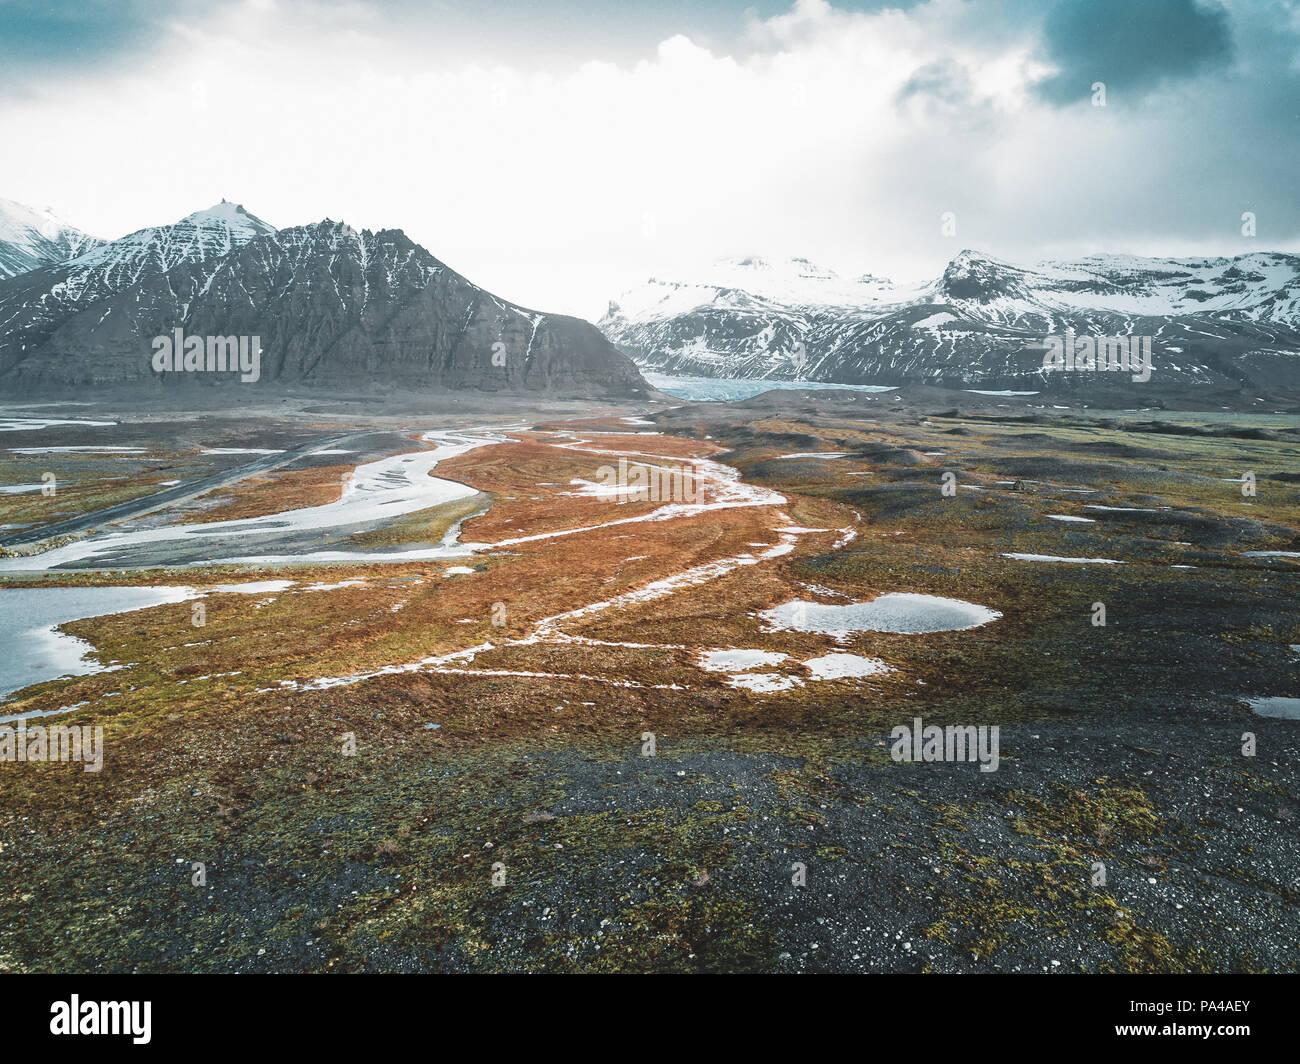 Glacier de Vatnajokull drone aérien libre avec les nuages et ciel bleu. Scène d'hiver spectaculaire du parc national du Vatnajökull, l'Islande, l'Europe. Beauté de la nature concept arrière-plan. Photo Stock